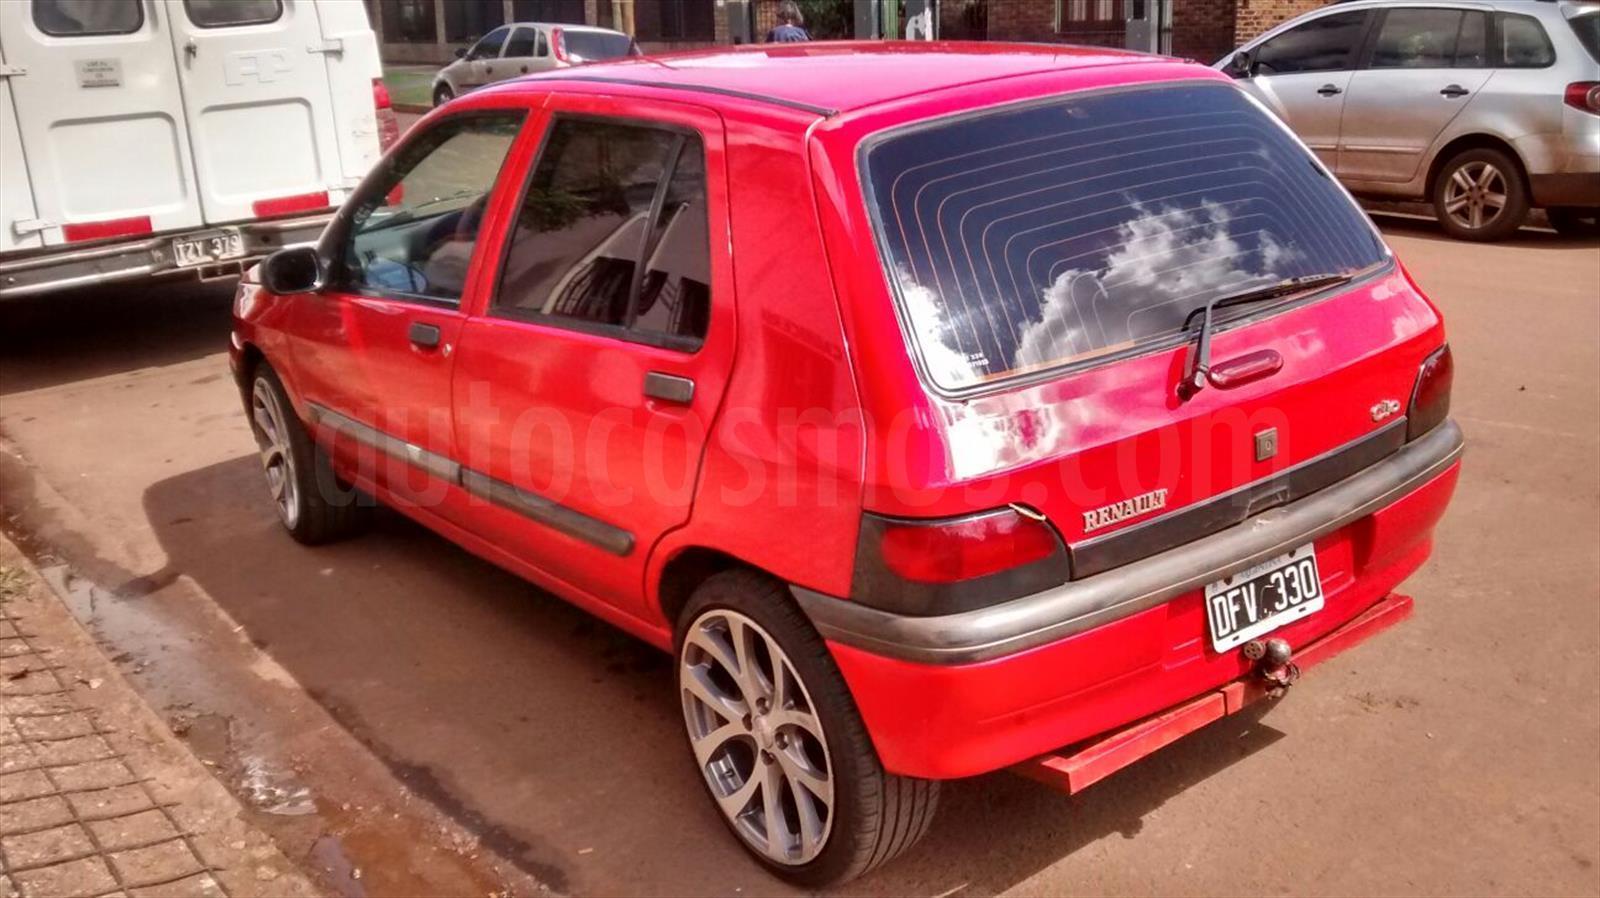 Venta Autos Usado Misiones Renault Clio 5p Rn